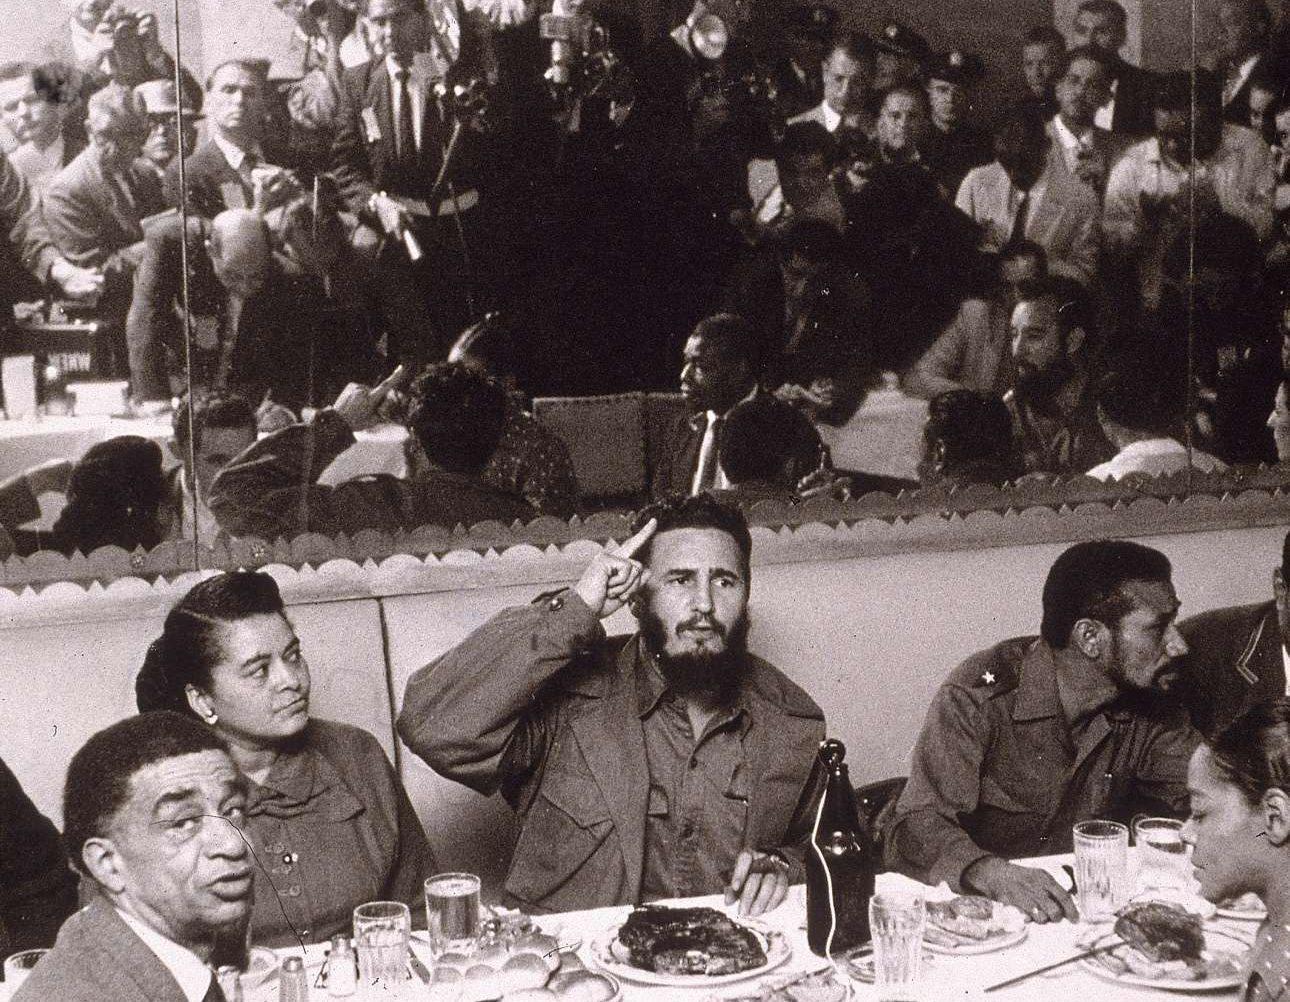 Γεμάτος αυτοπεποίθηση, ο νεαρός επαναστάτης μιλάει σε δημοσιογράφους κατά τη διάρκεια δείπνου στο Χάρλεμ της Νέας Υόρκης το 1959. Οι φωτορεπόρτερ και οι δημοσιογράφοι διακρίνονται στον καθρέφτη πίσω του